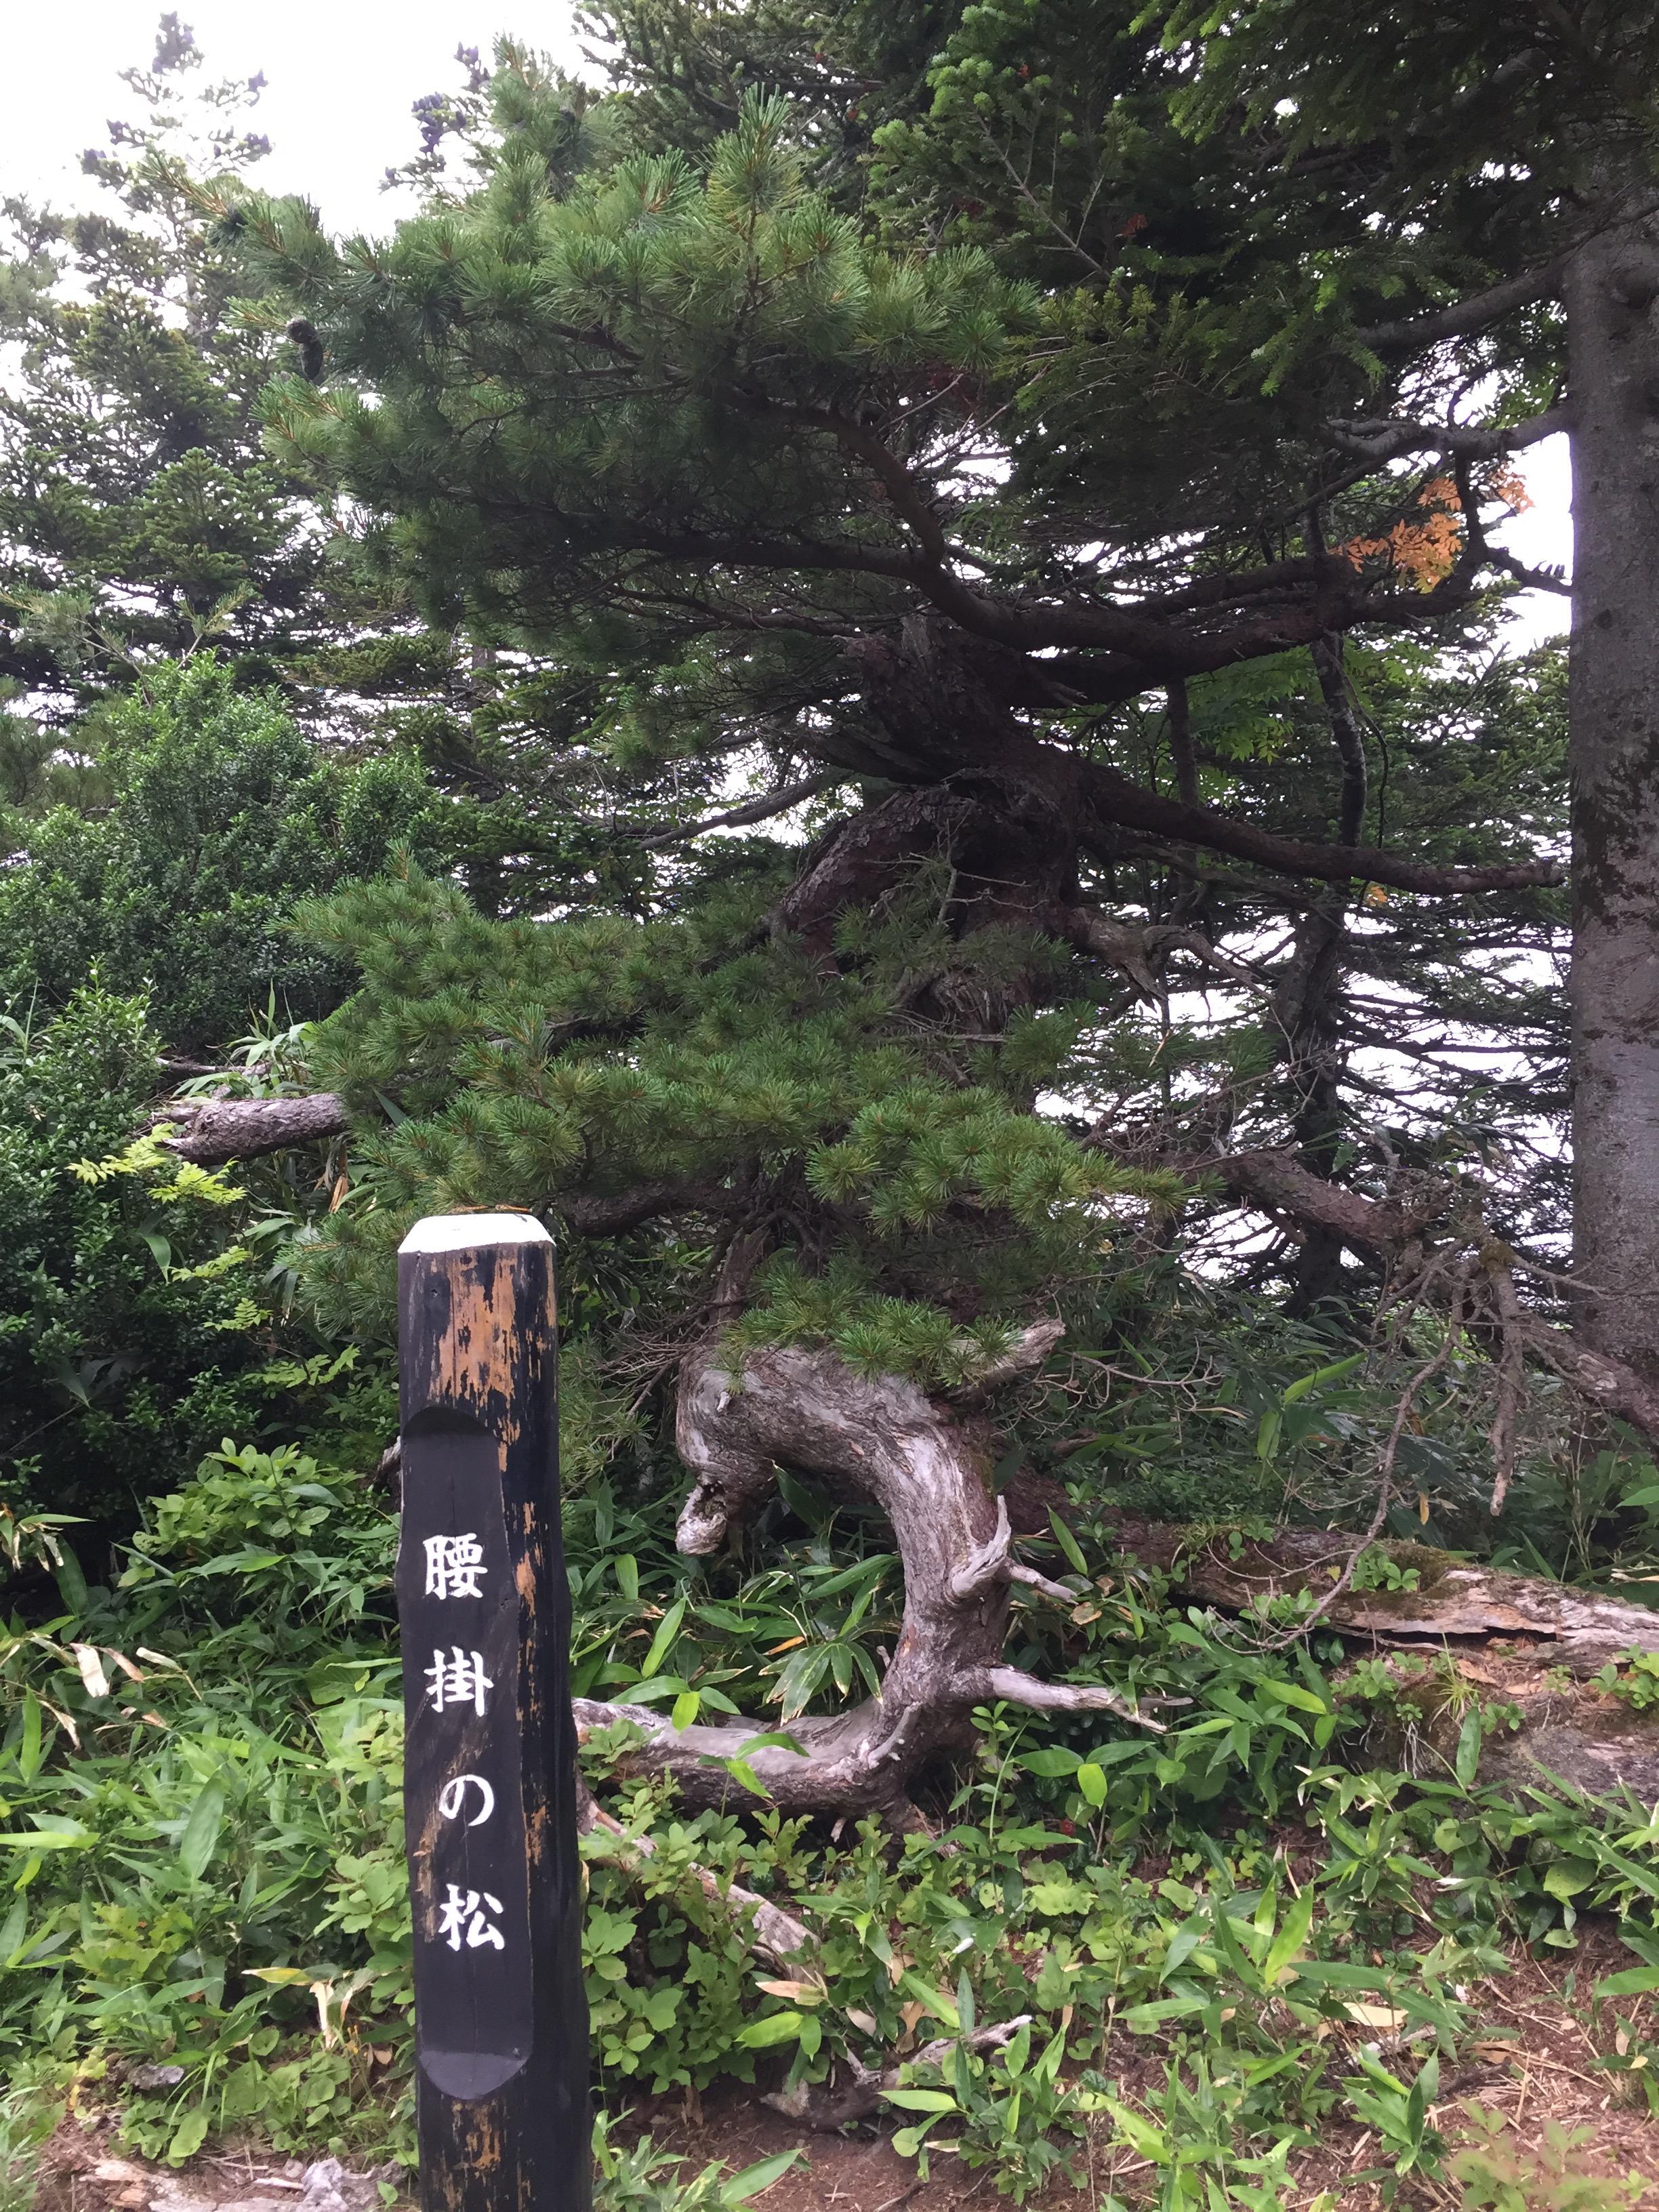 蔵王 熊野岳 日本百名山 山形百名山 登山道 腰掛の松